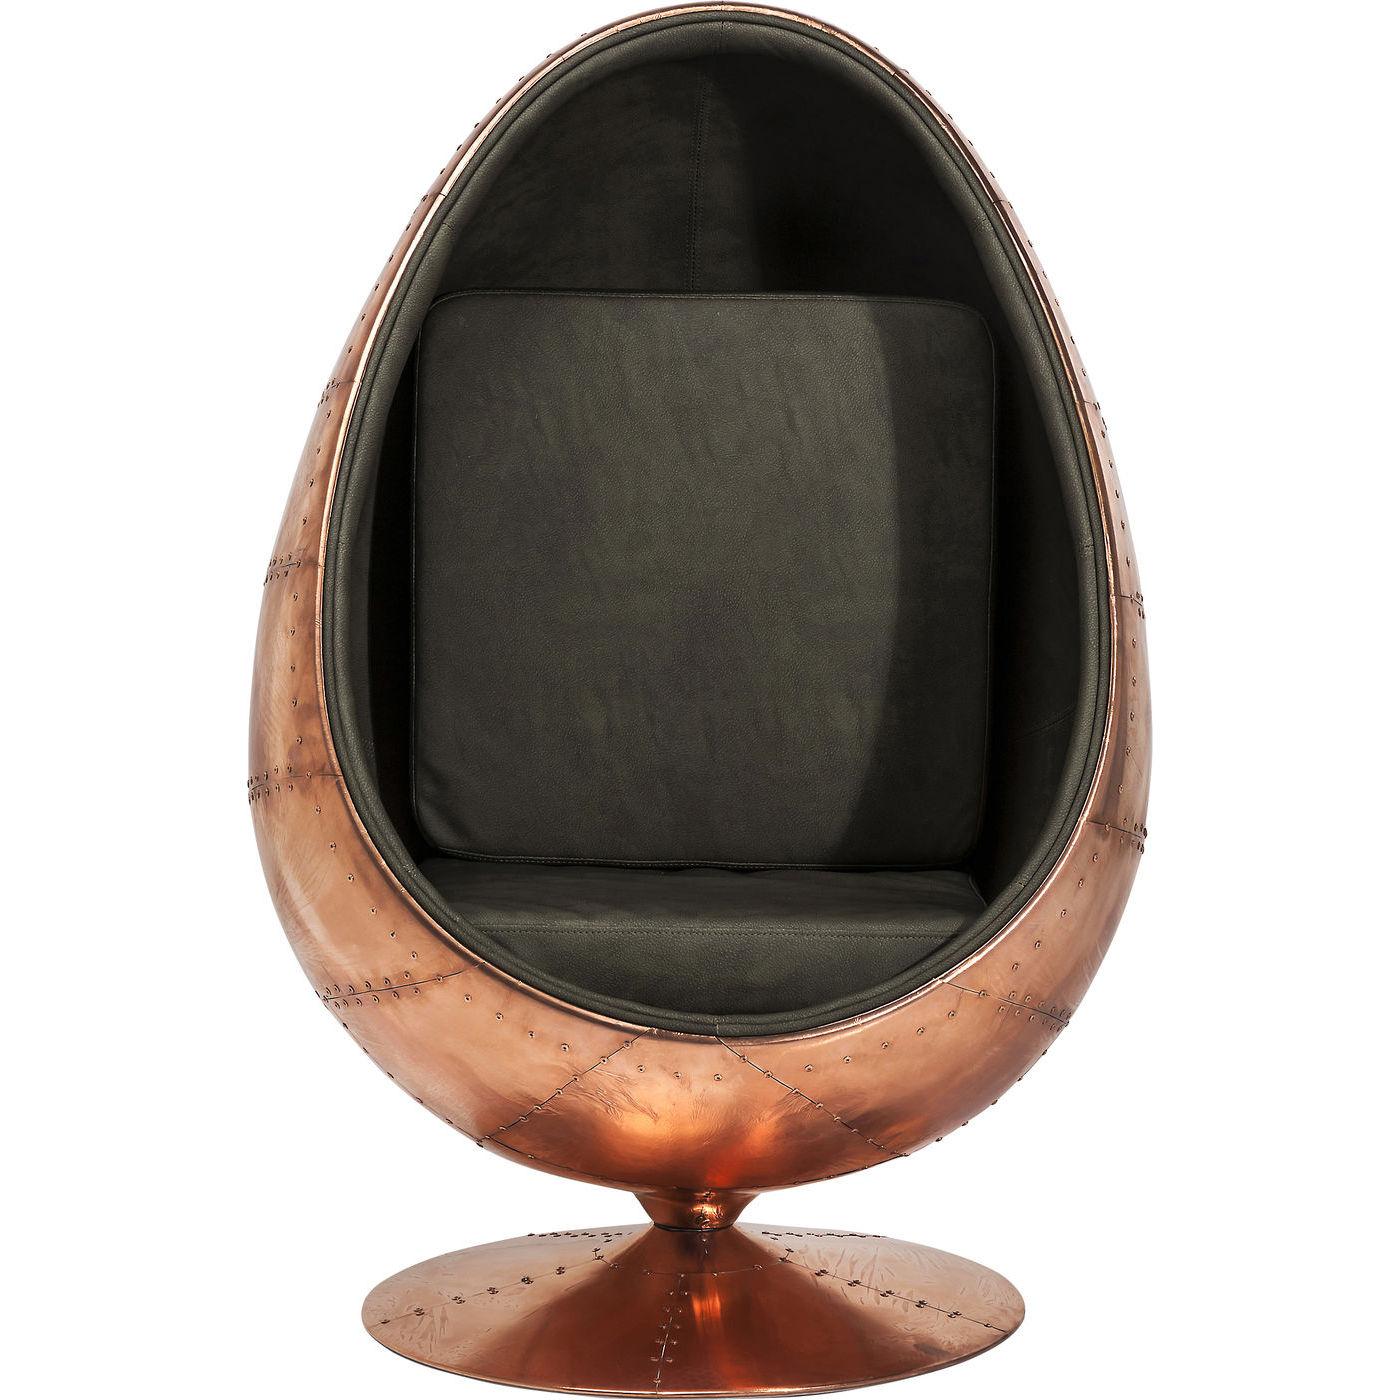 Billede af Kare Design Drejestol, Eye Ball Brass